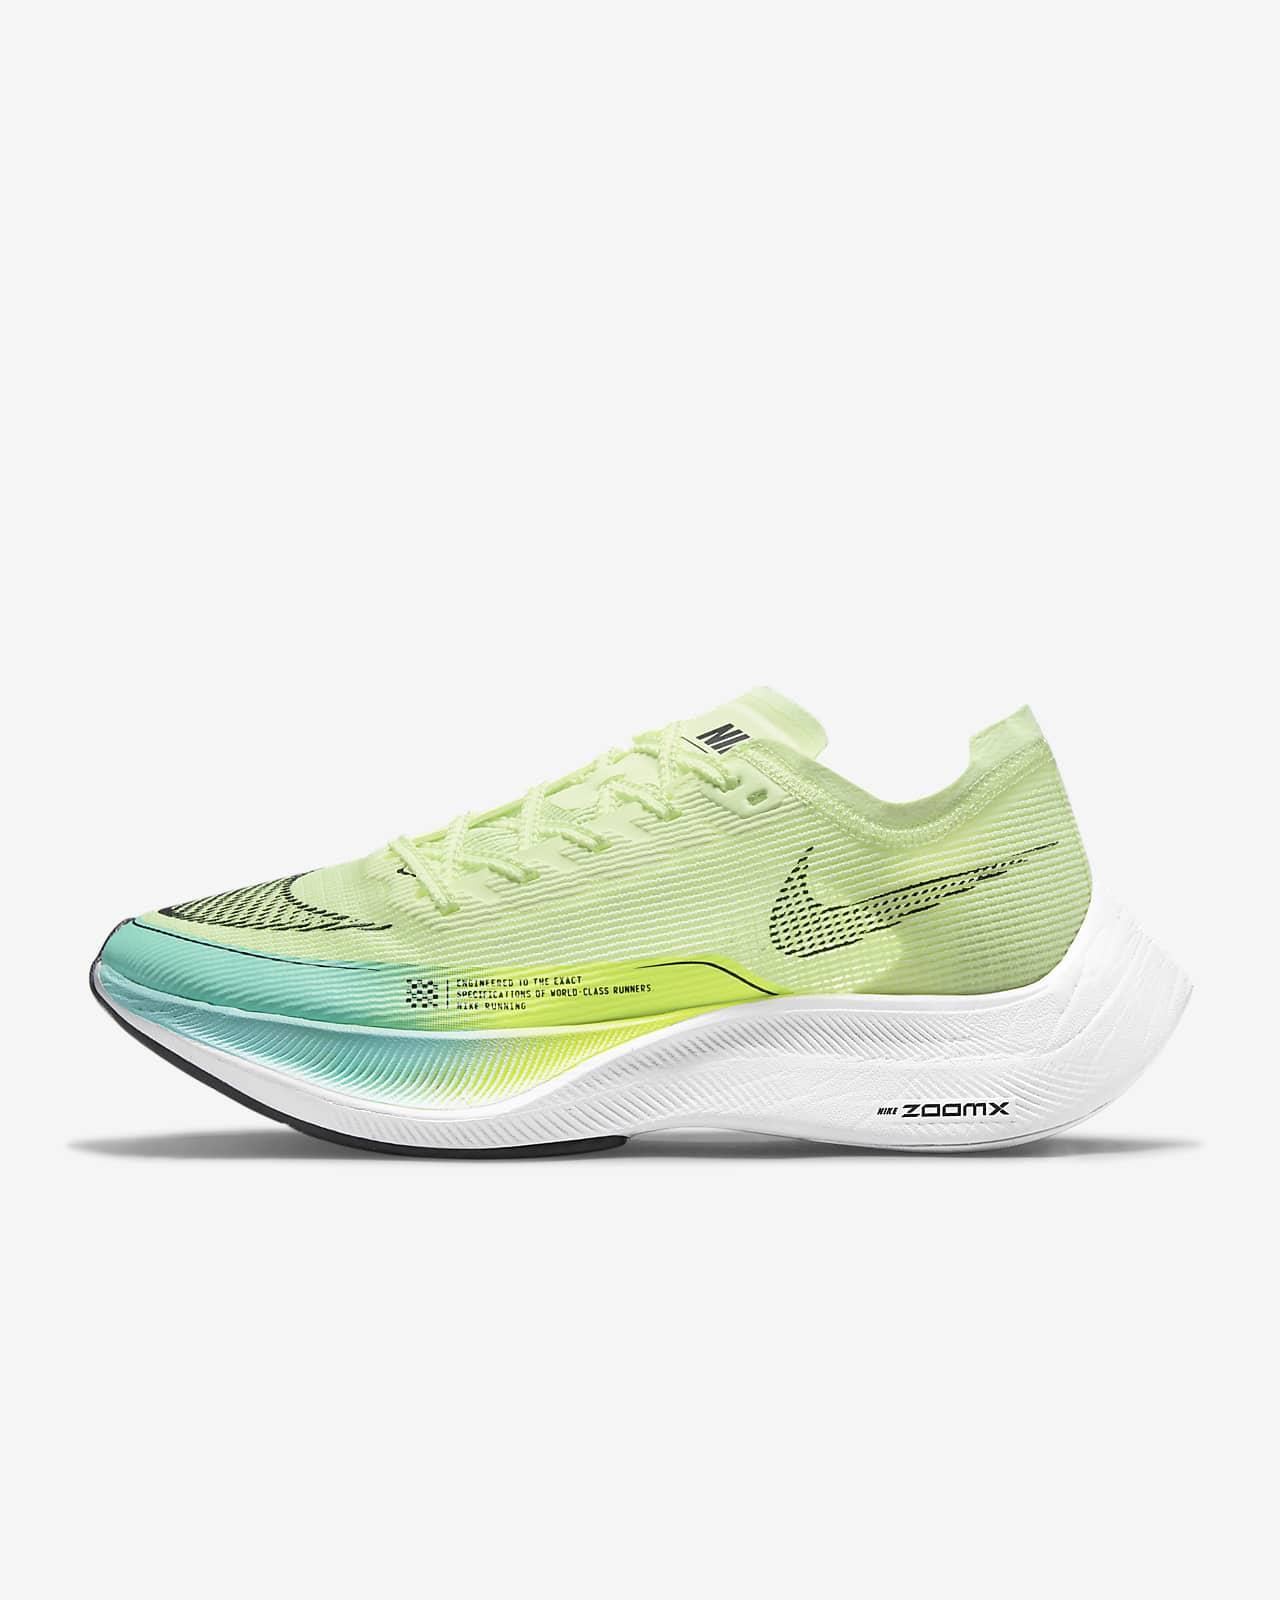 Nike ZoomX Vaporfly Next% 2 Kadın Yol Yarış Ayakkabısı